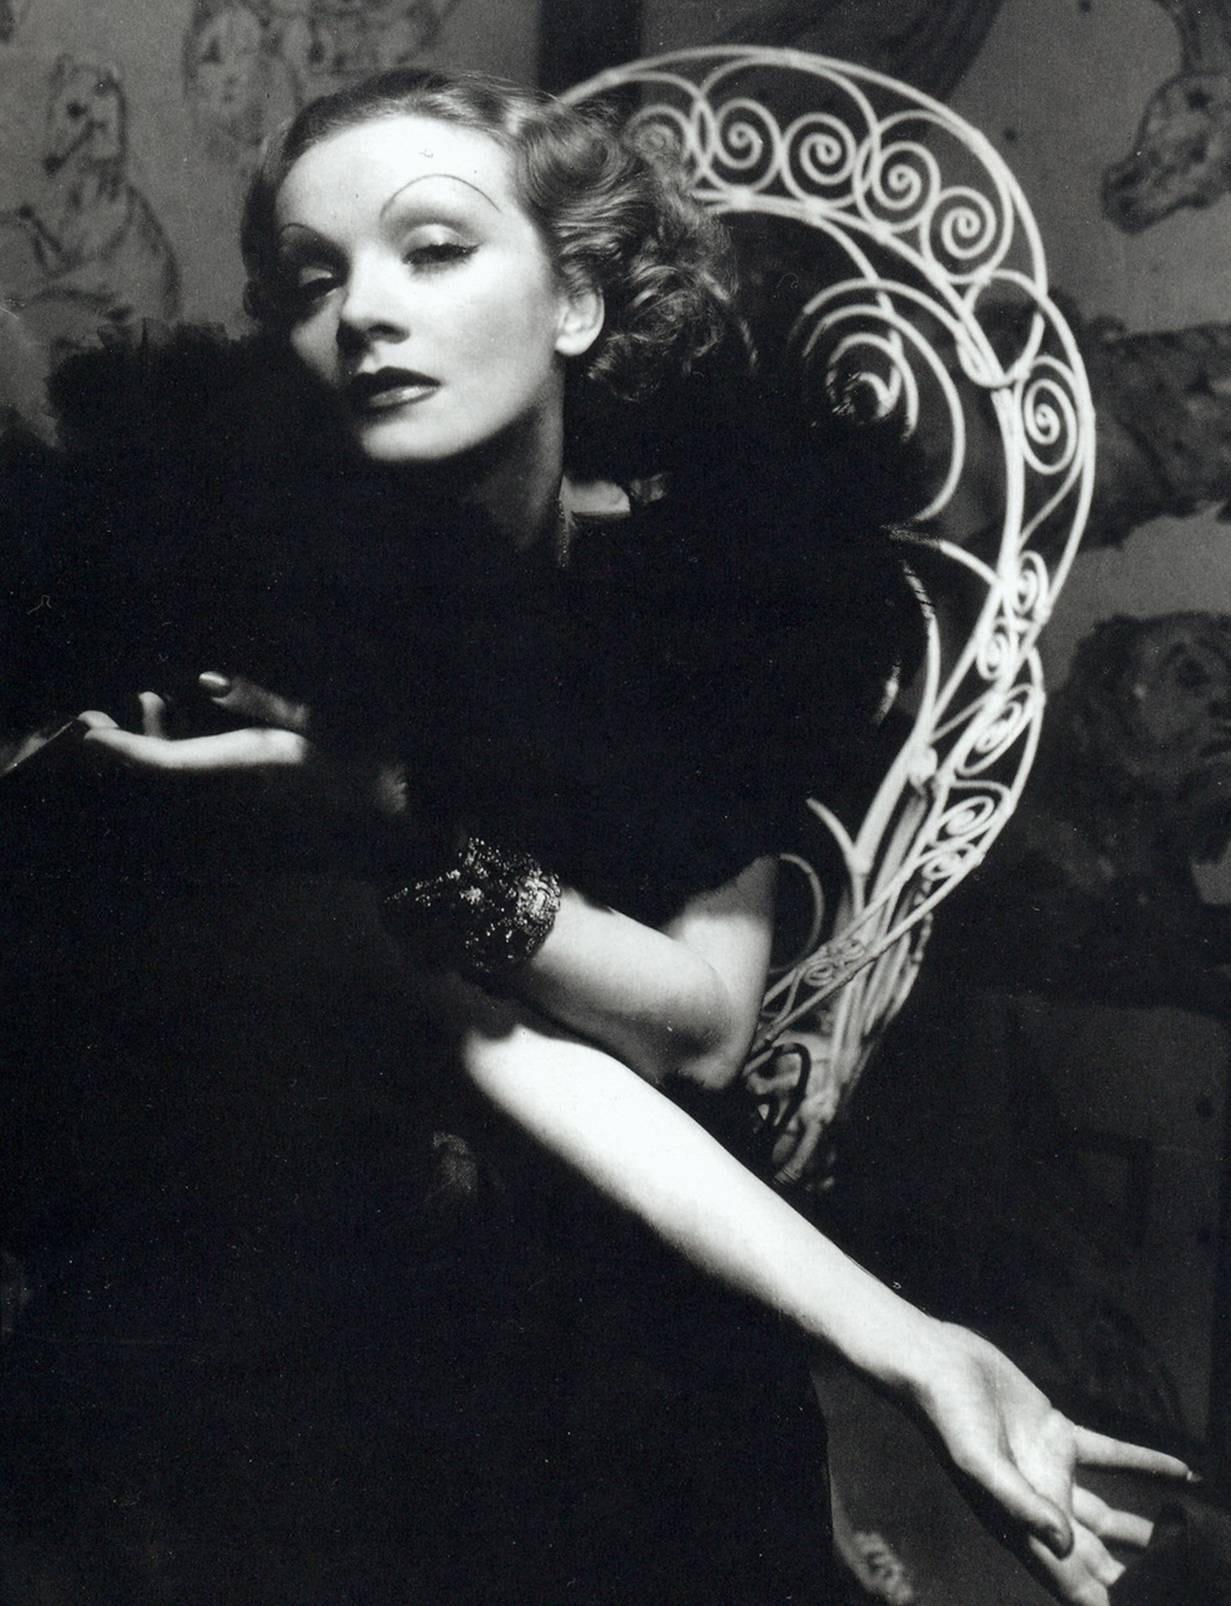 Dietrich_header_image